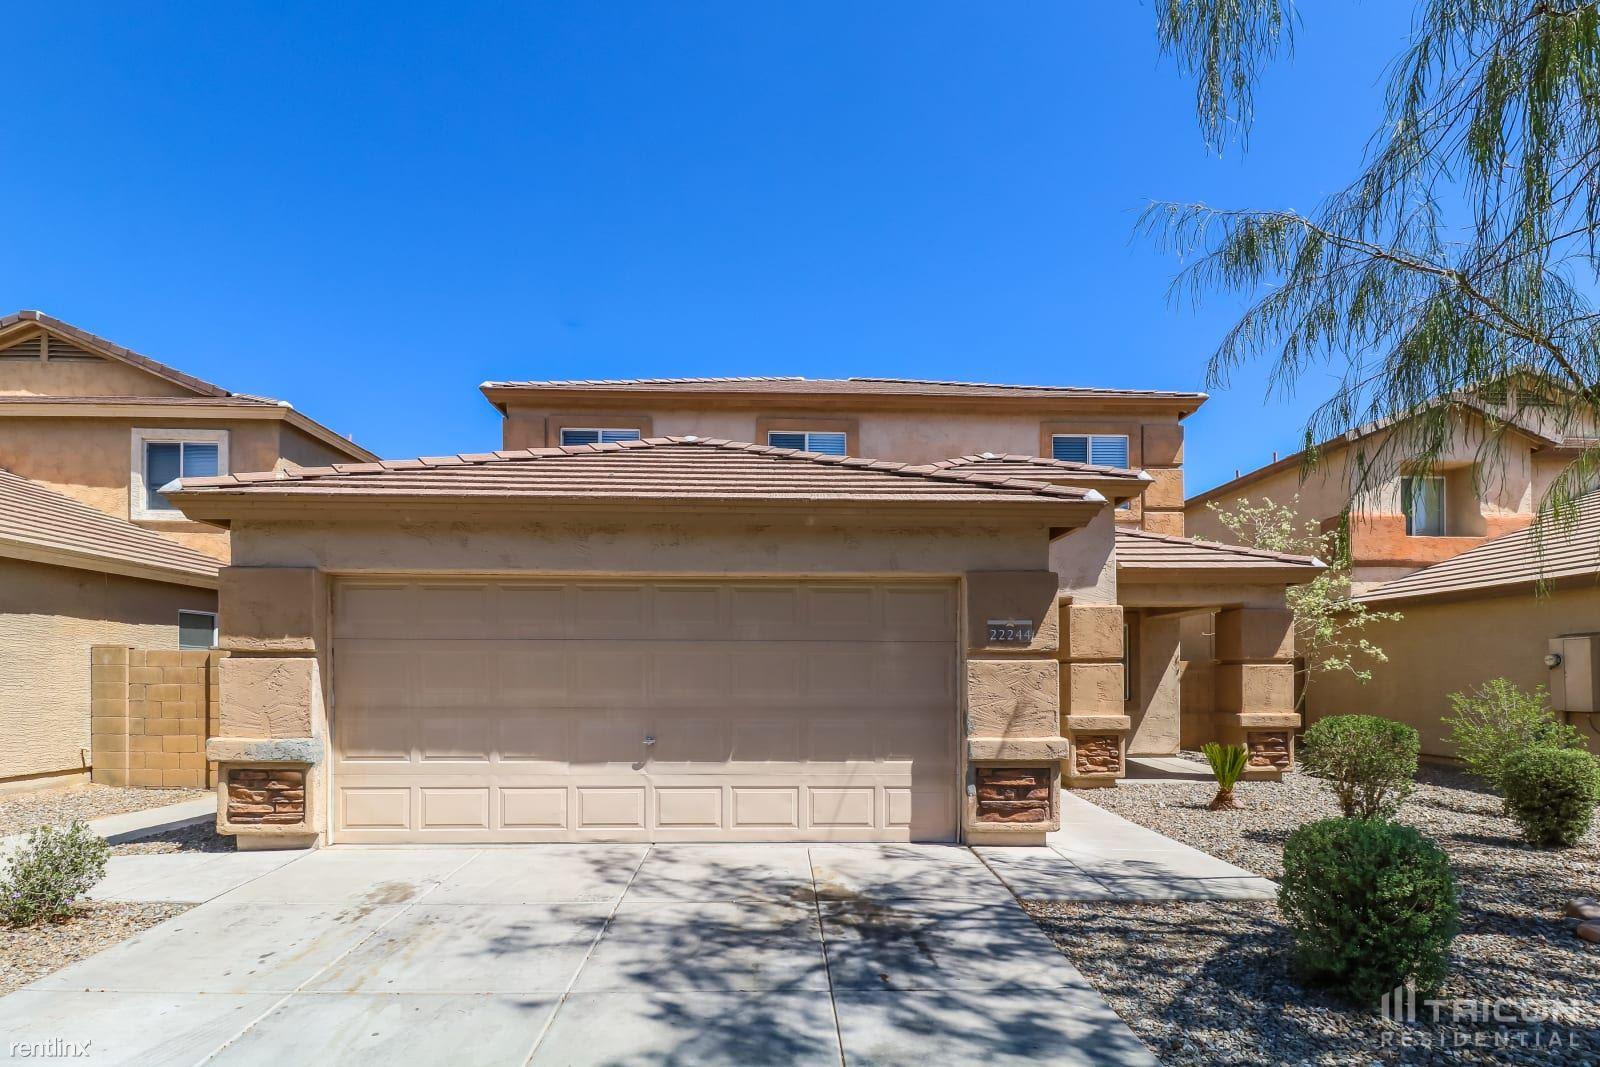 22244 W Sonora St, Buckeye, AZ - 1,999 USD/ month